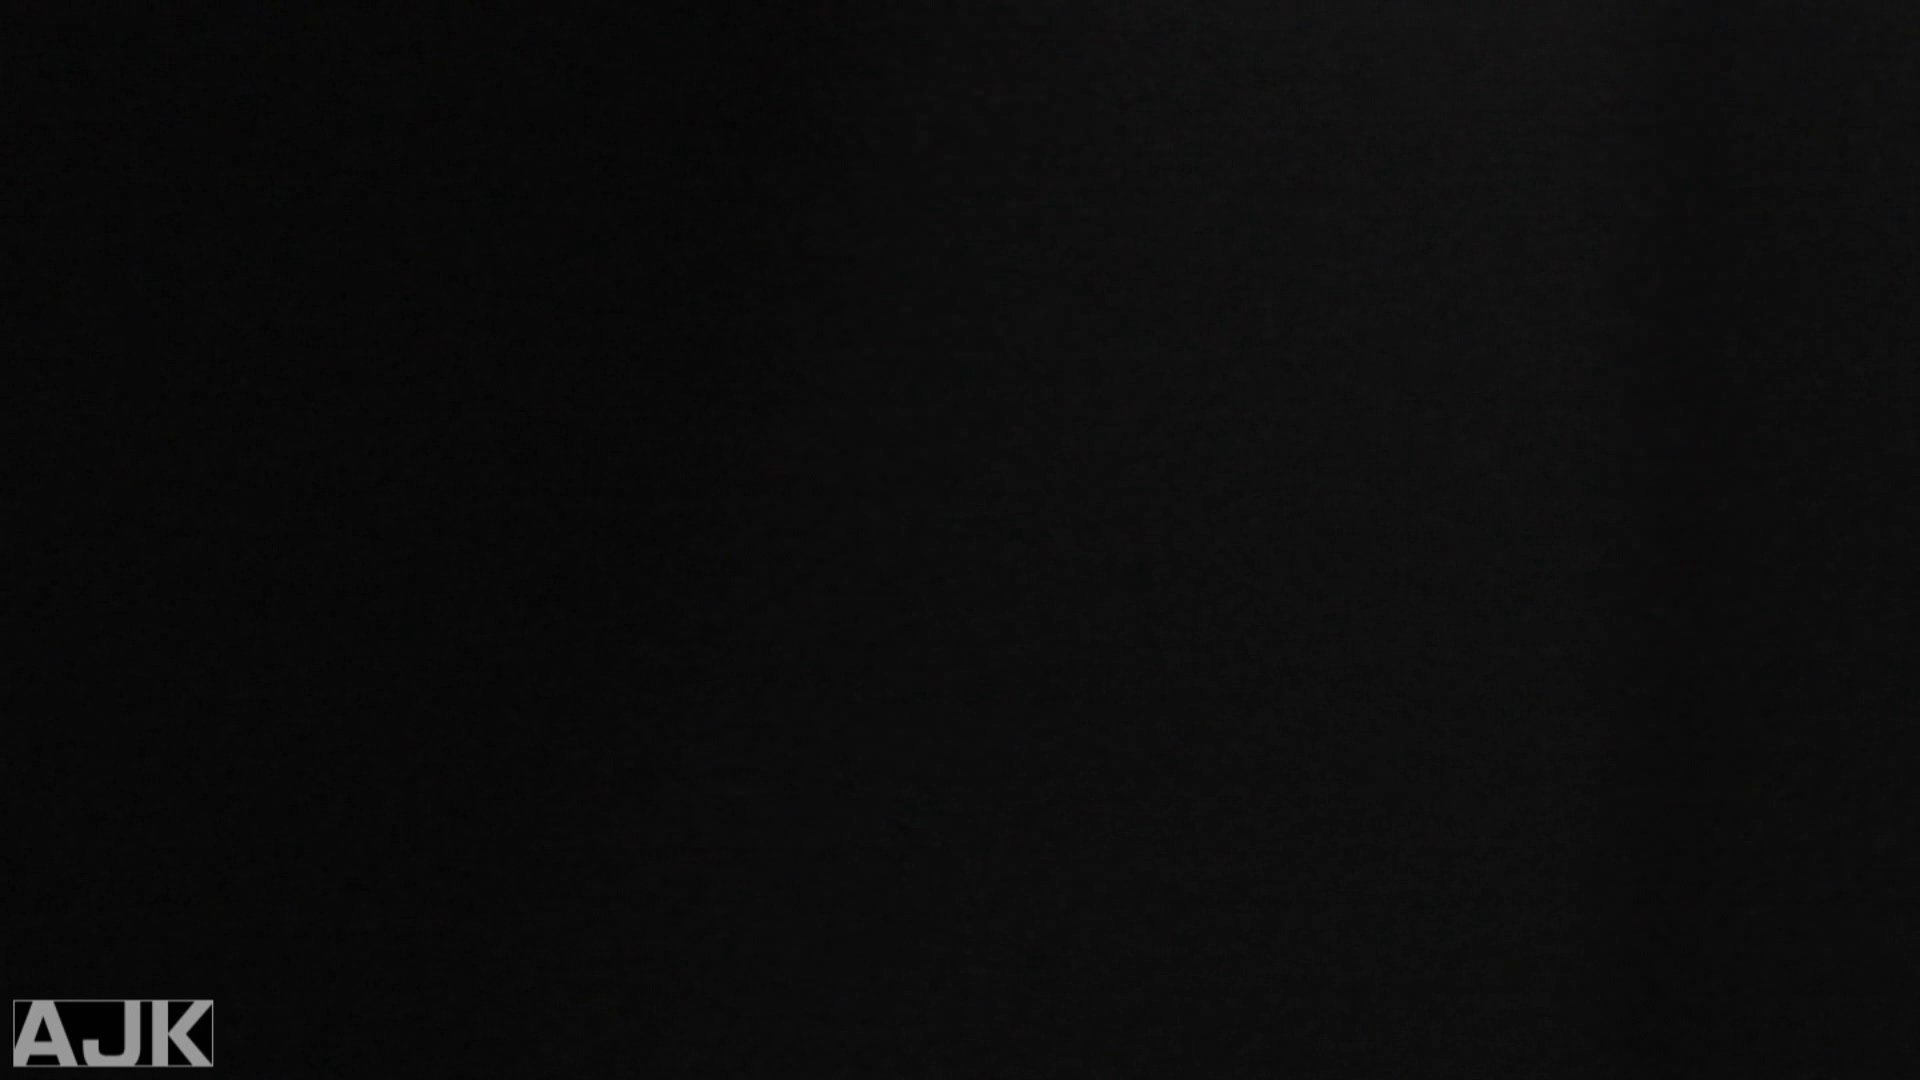 神降臨!史上最強の潜入かわや! vol.25 盗撮 われめAV動画紹介 56PICs 23